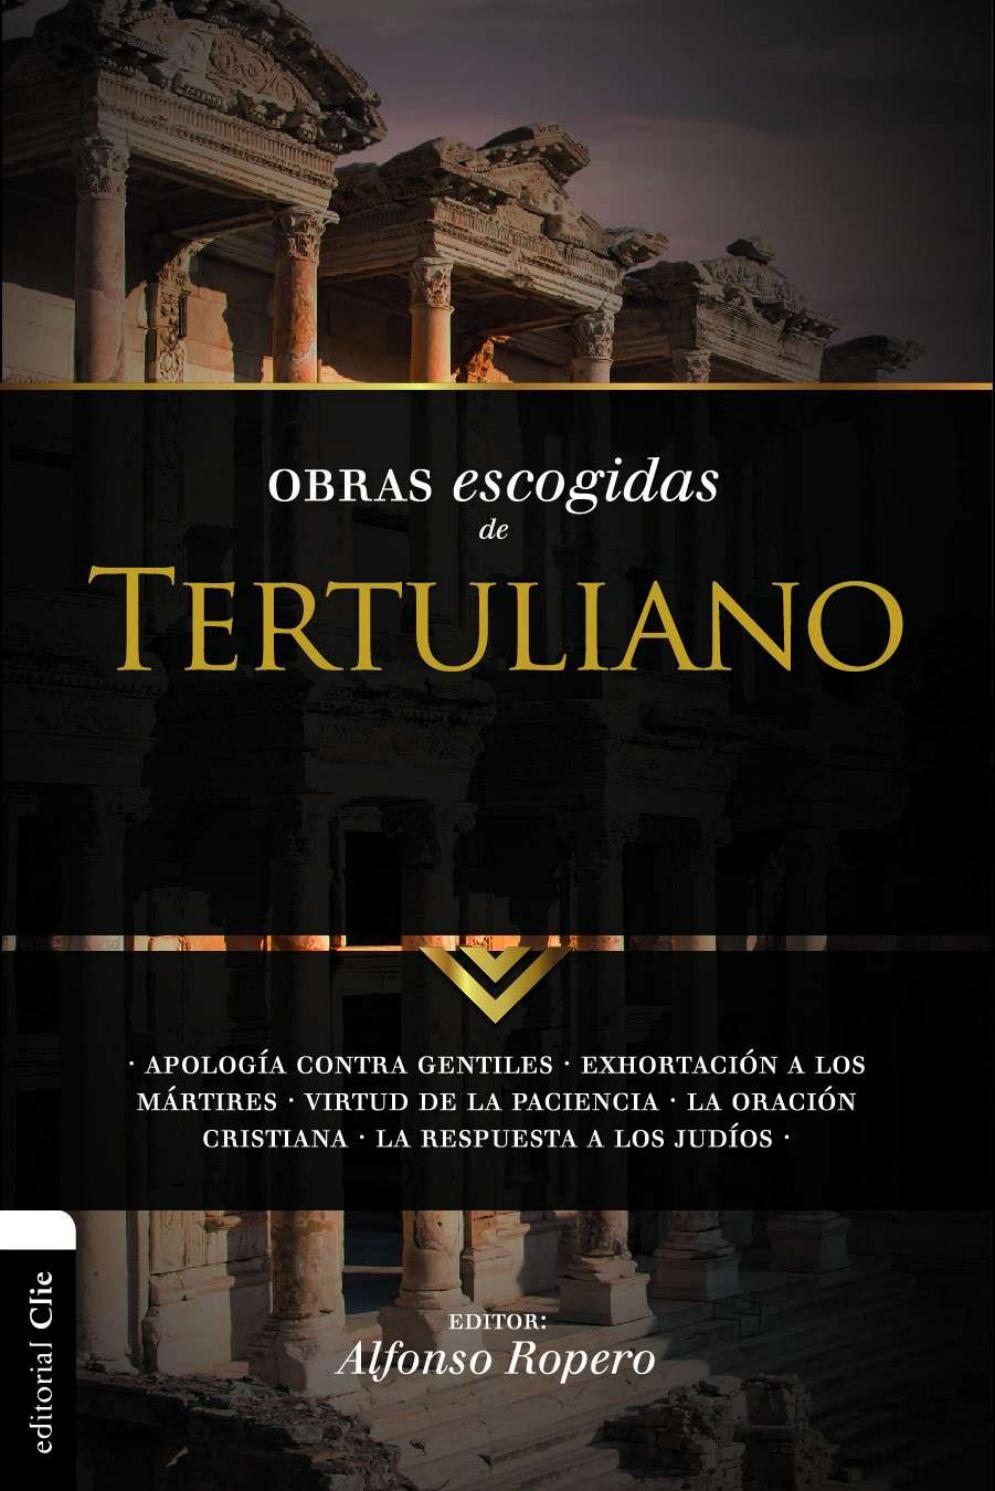 Obras Escogidas De Tertuliano By Librería Bautista Issuu